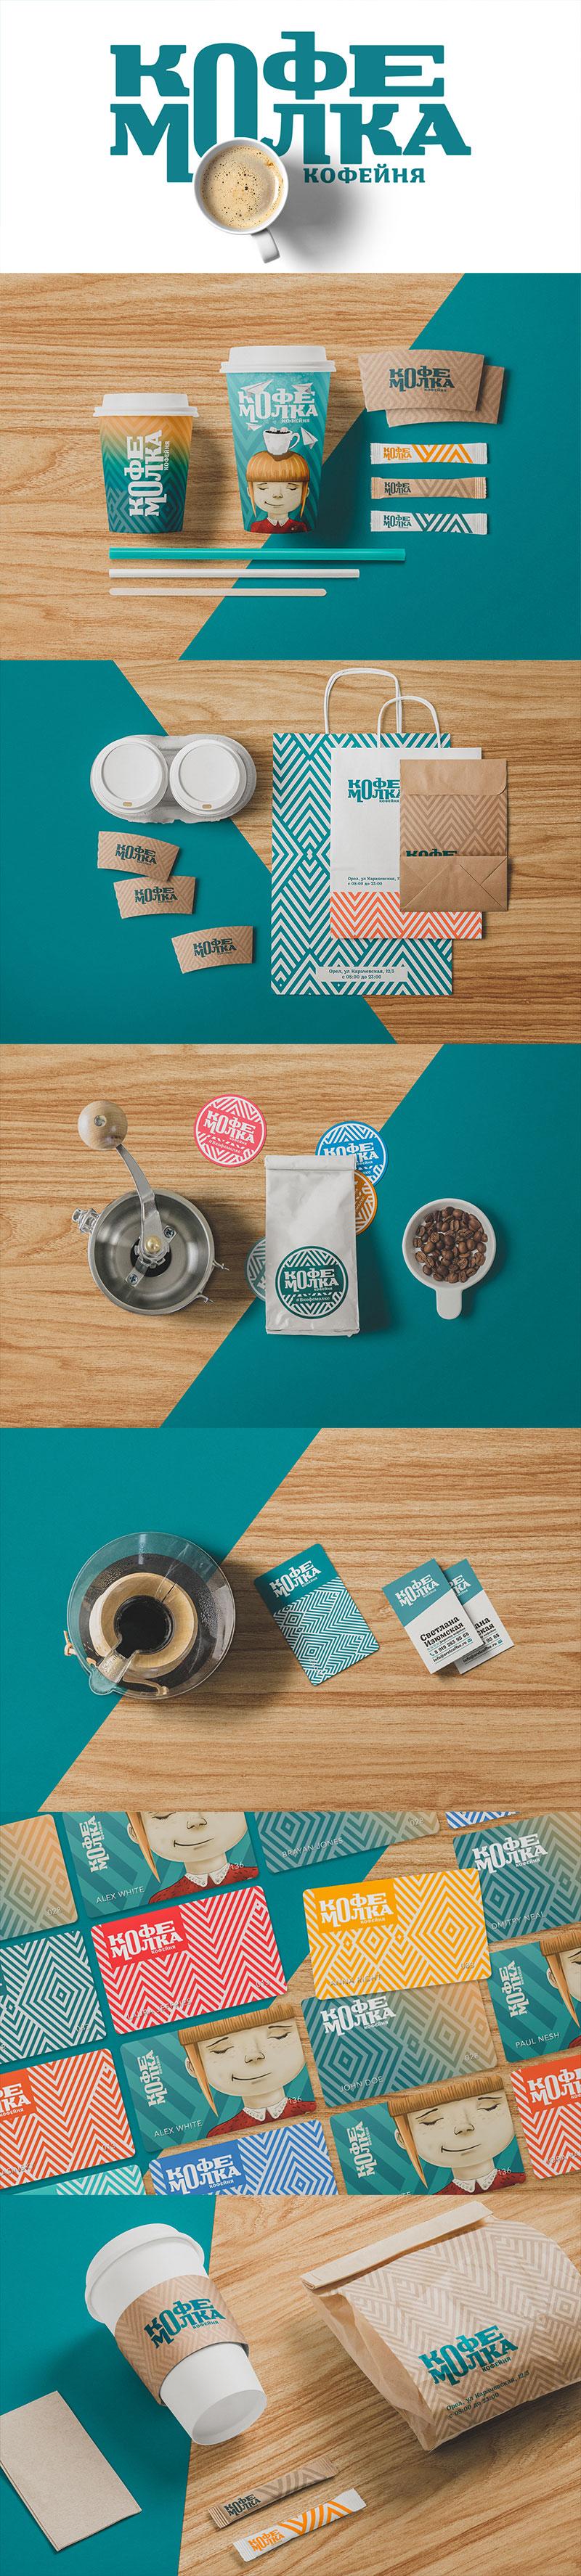 Kofemolka cafe by Dmitry Neal